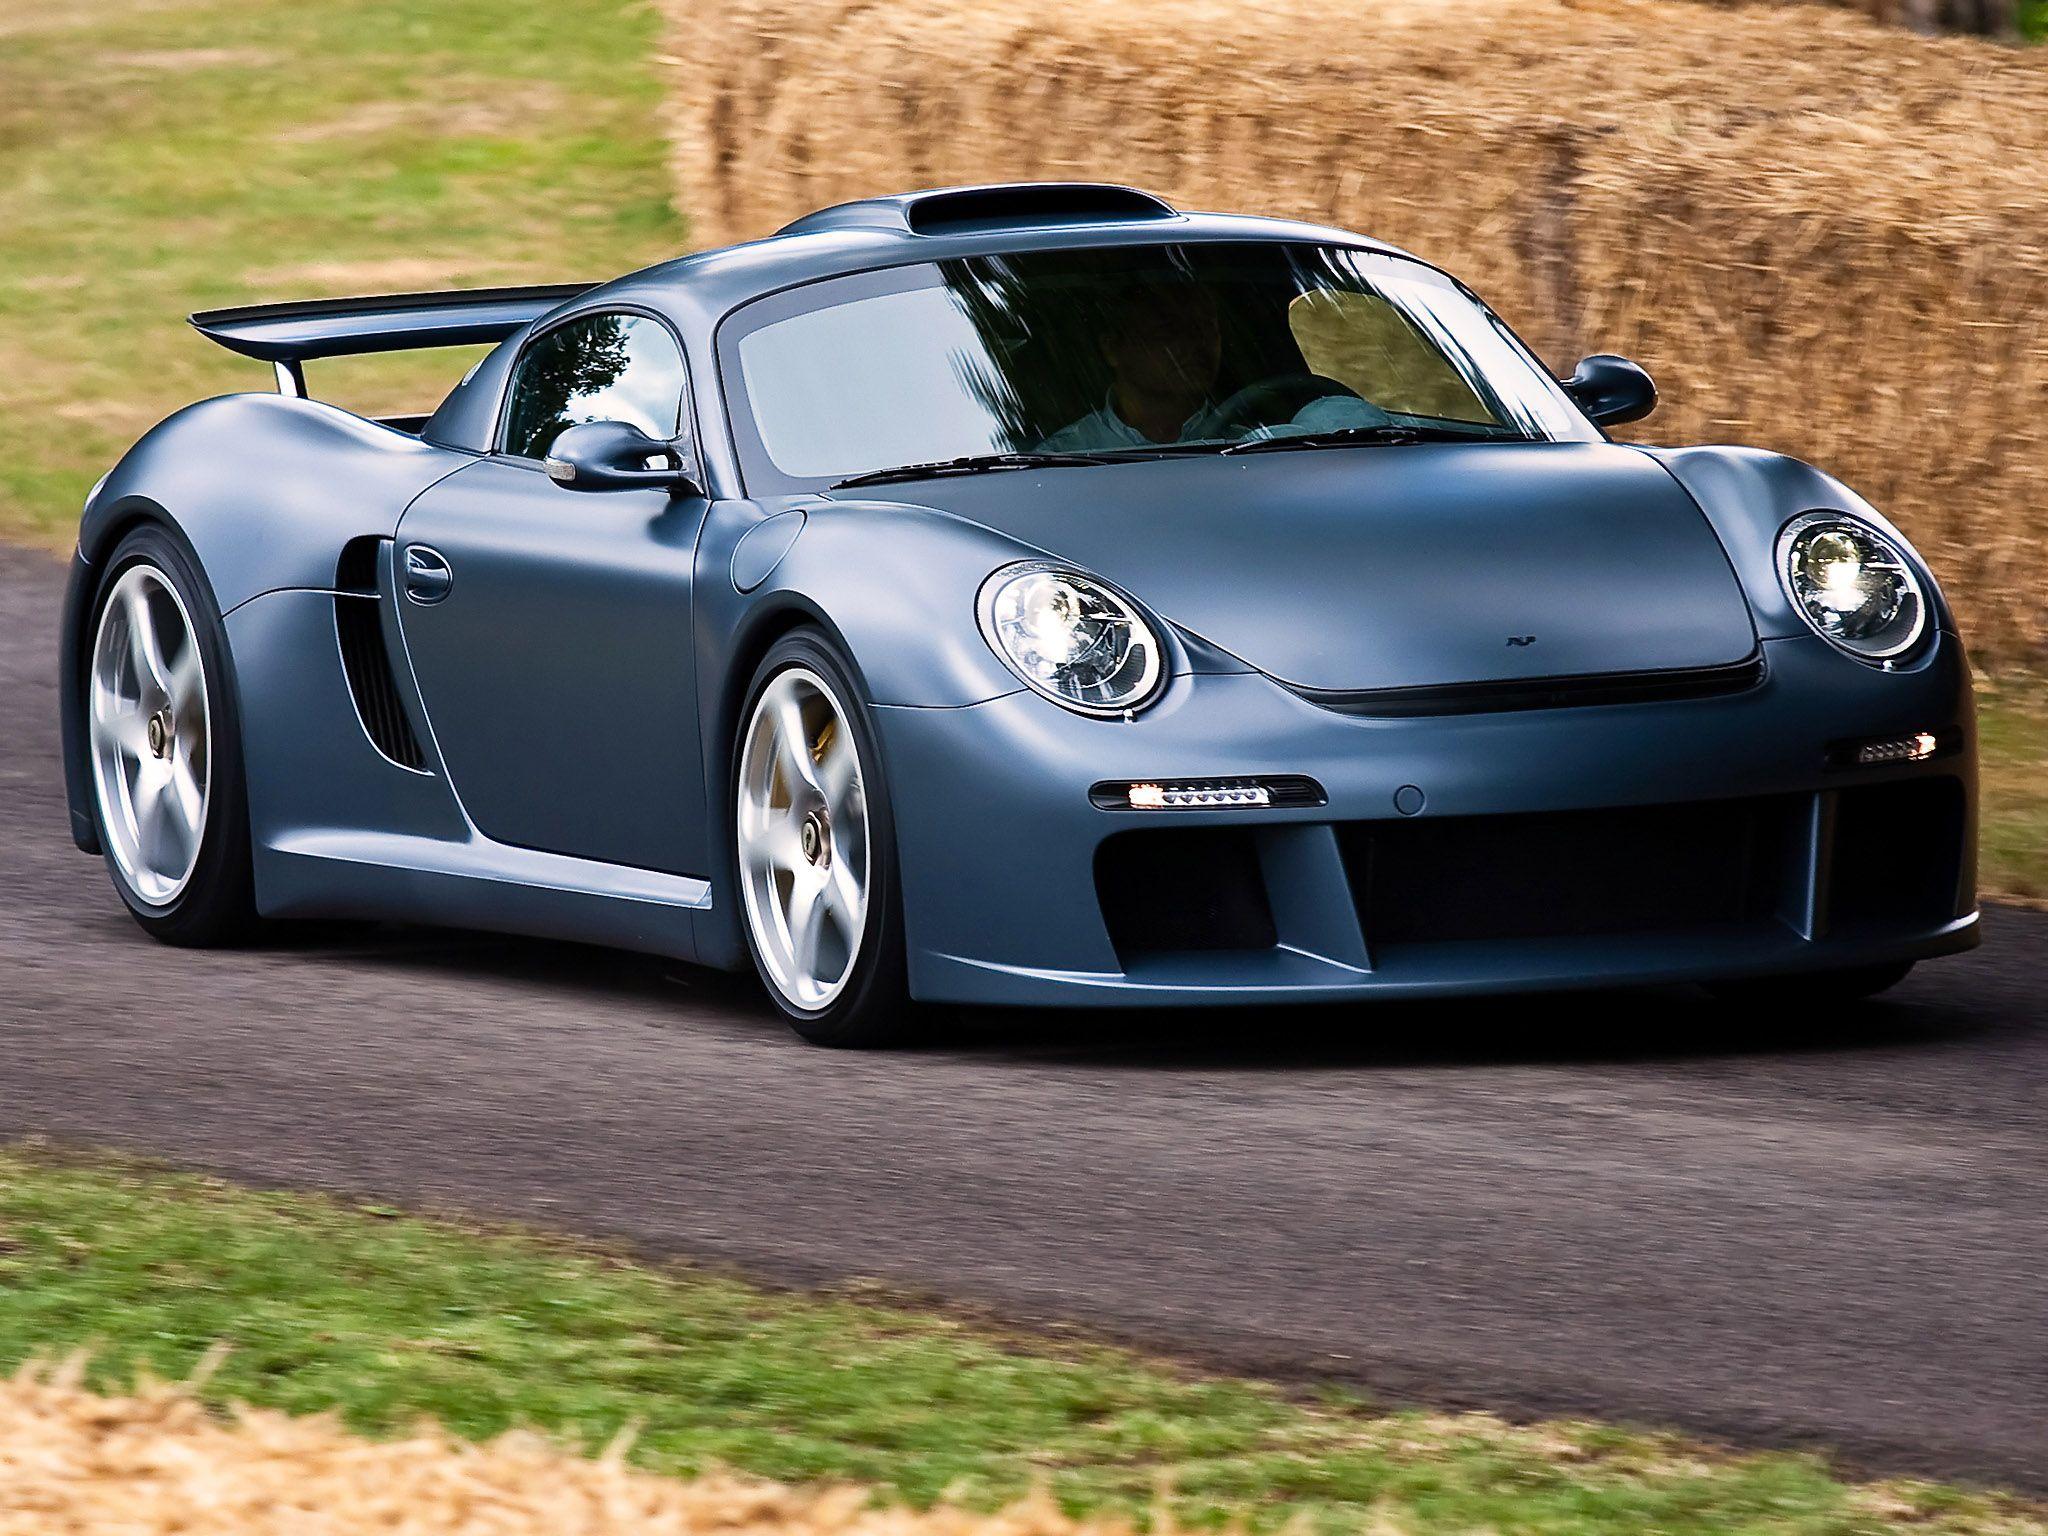 Tudo Fosco Ruf Ctr3 Porsche Cayman Car Automobile